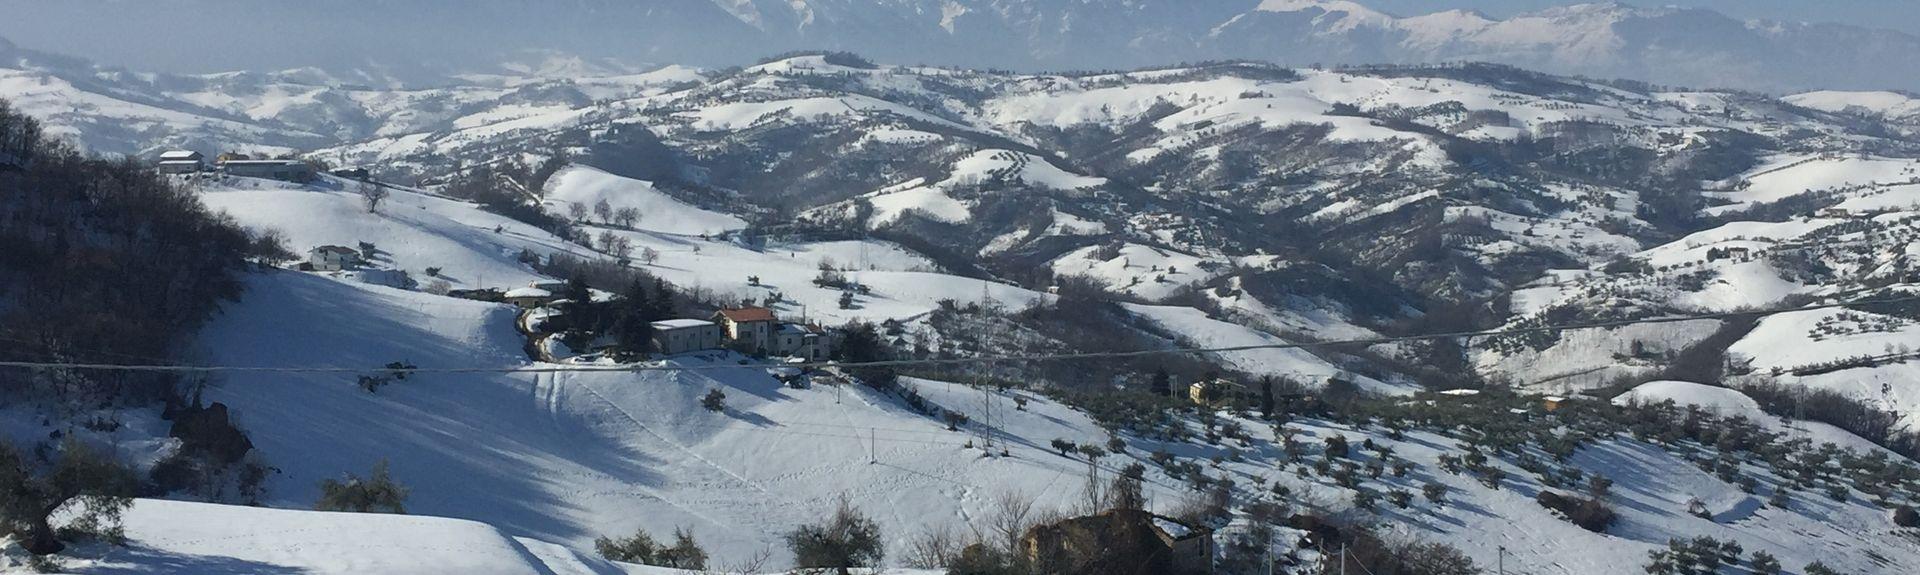 Roseto degli Abruzzi, Teramo, Abruzzo, Italy